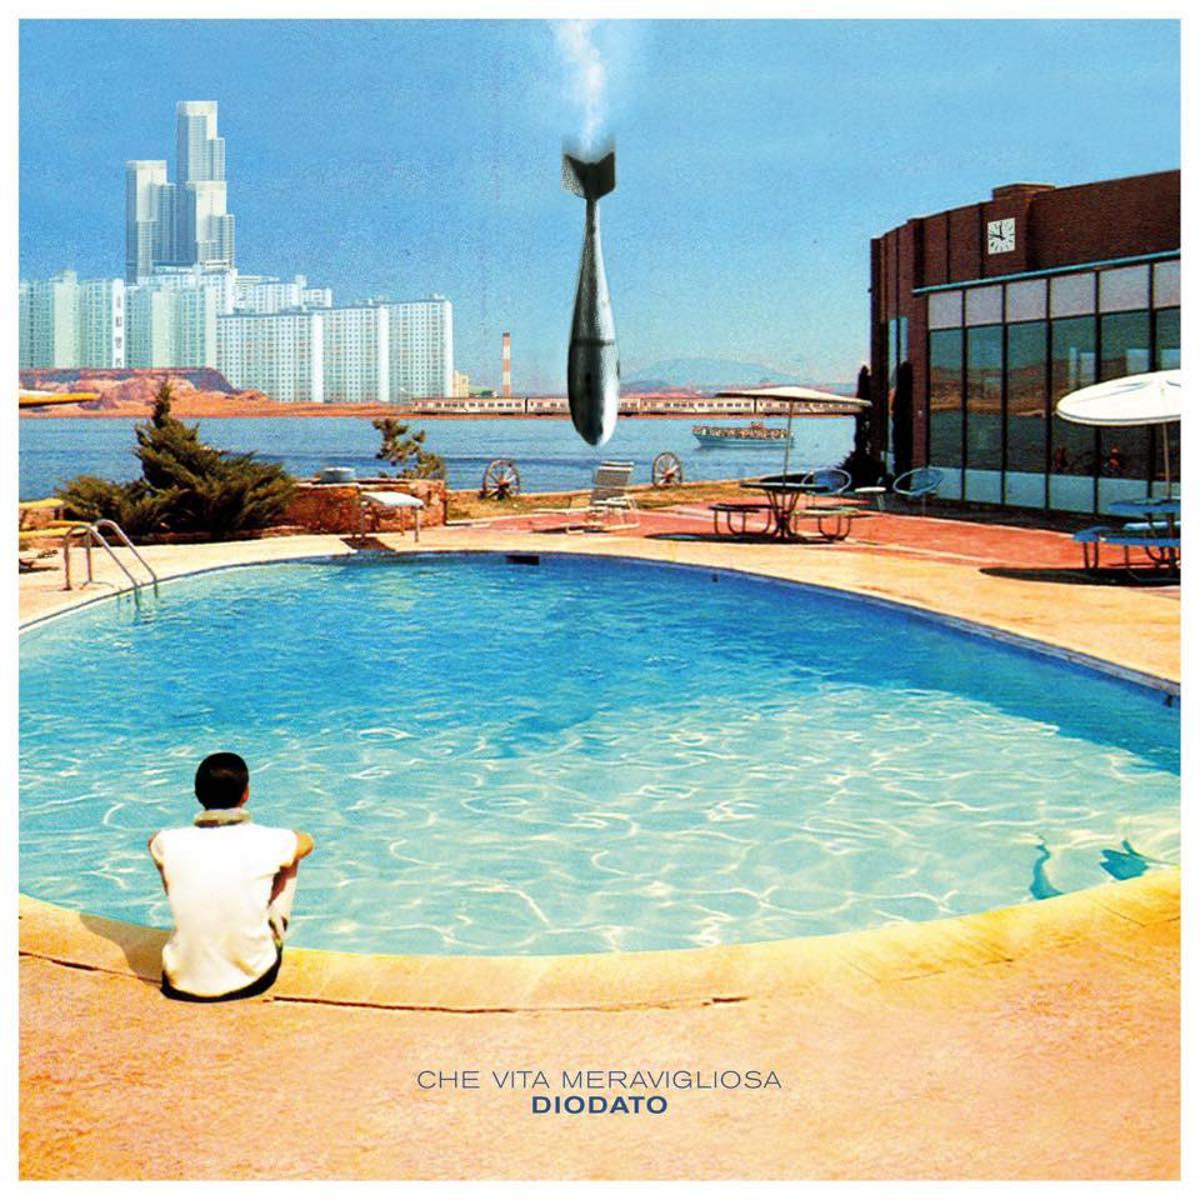 Che vita meravigliosa album 2020 Diodato